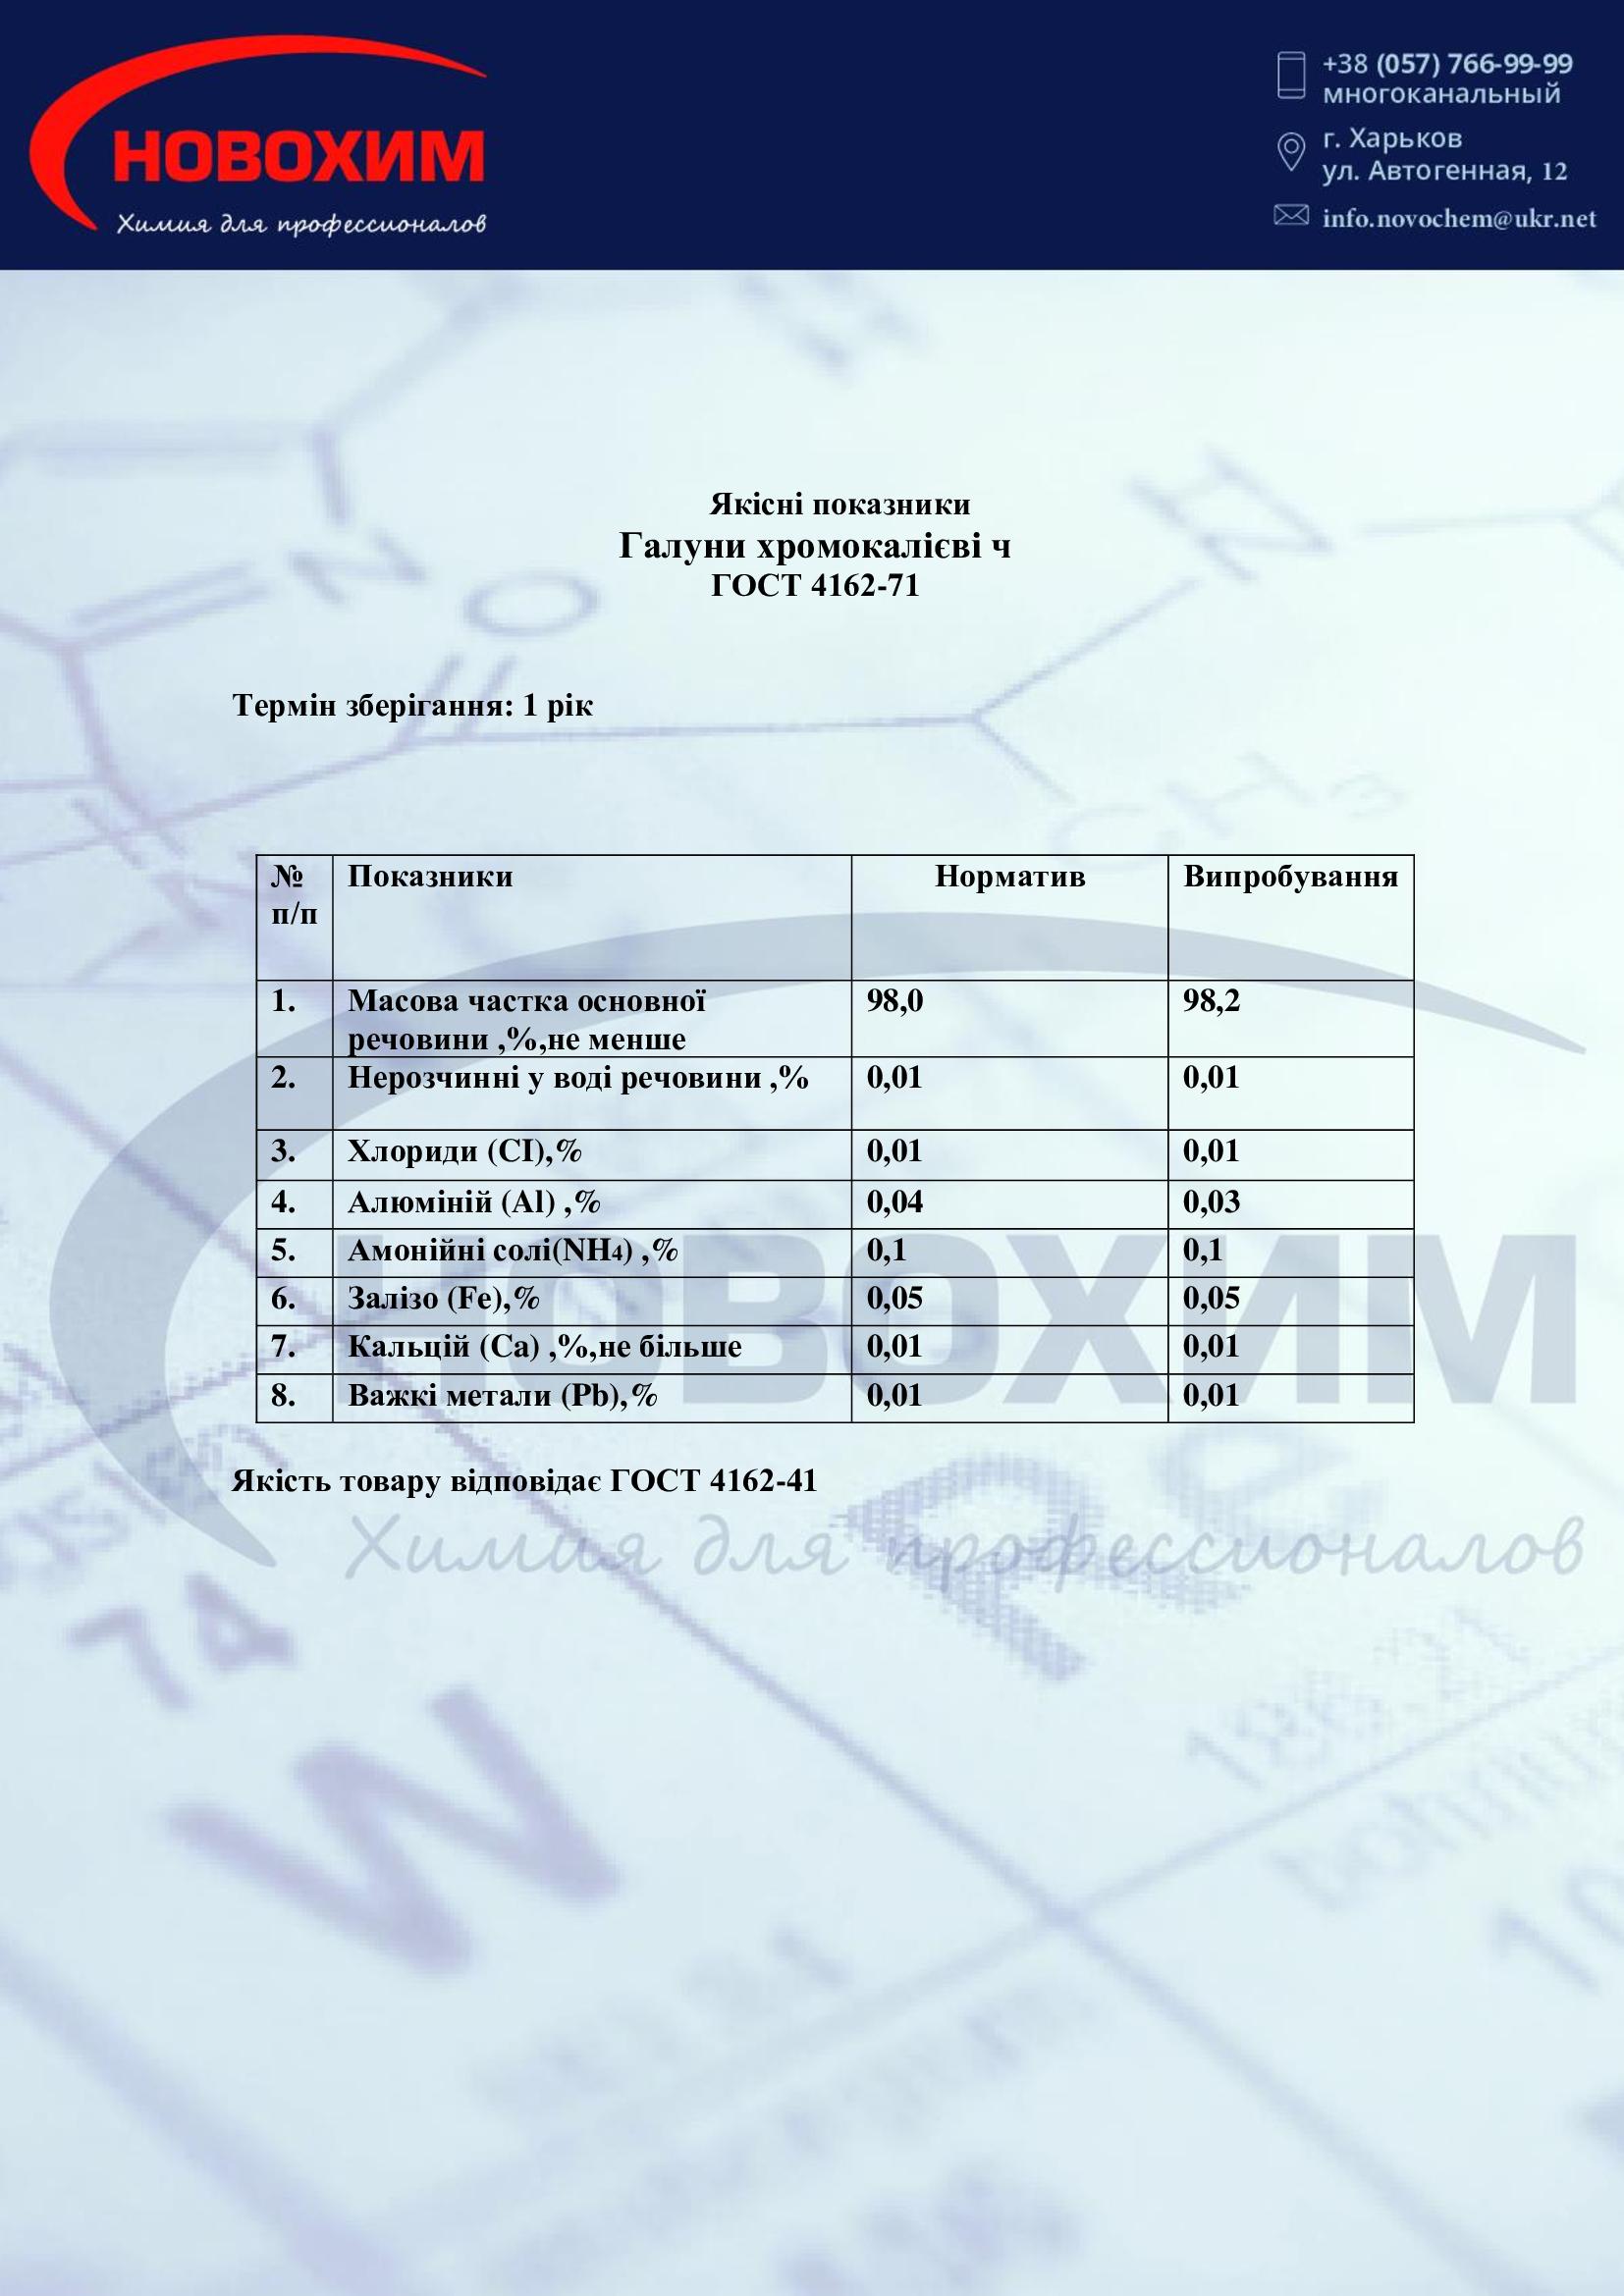 Фото сертификат квасцы хромокалиевые